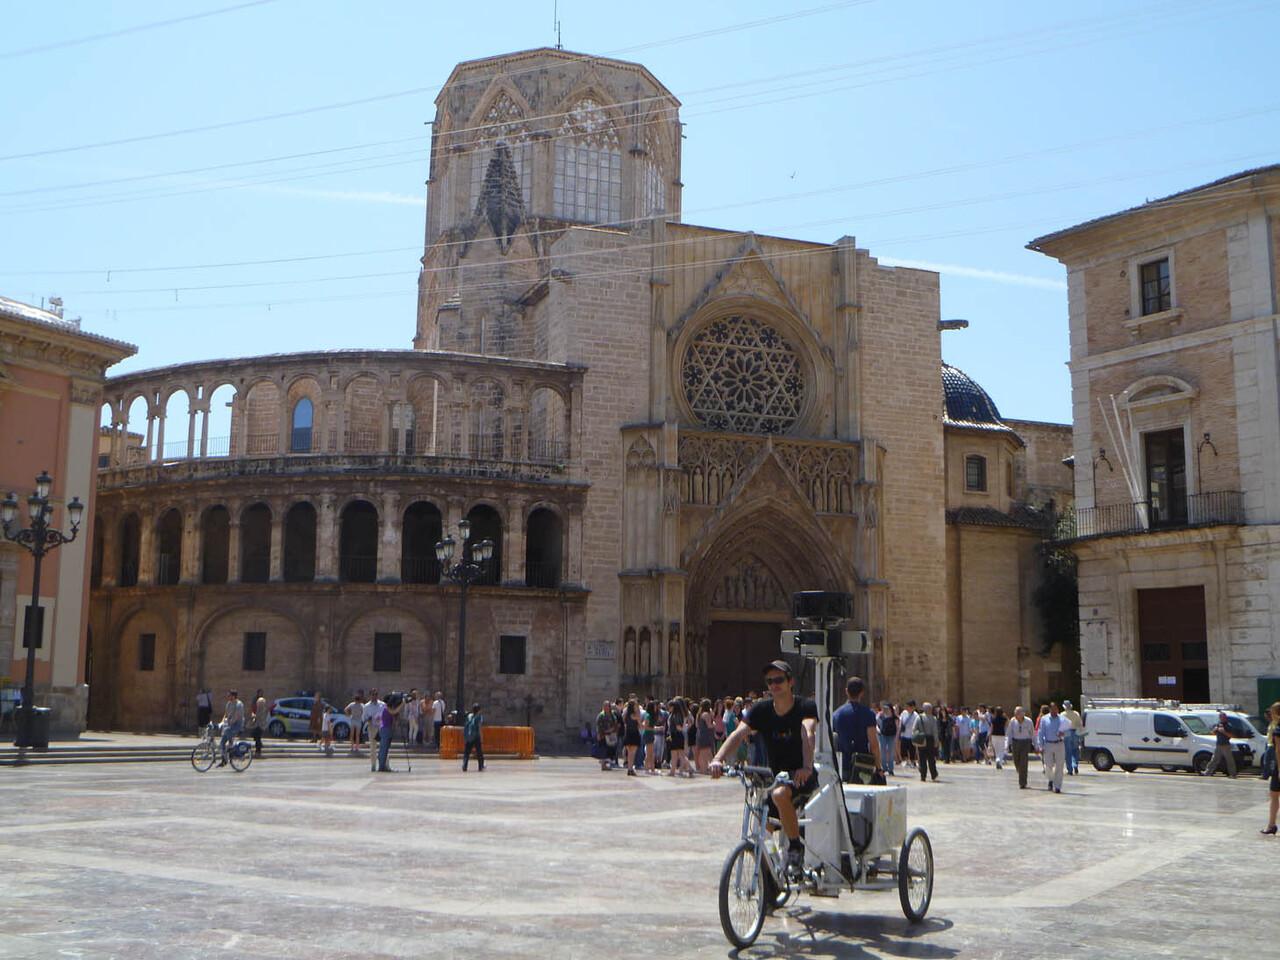 El ciclista que tomó las imágenes en la plaza de la Virgen/tvlc